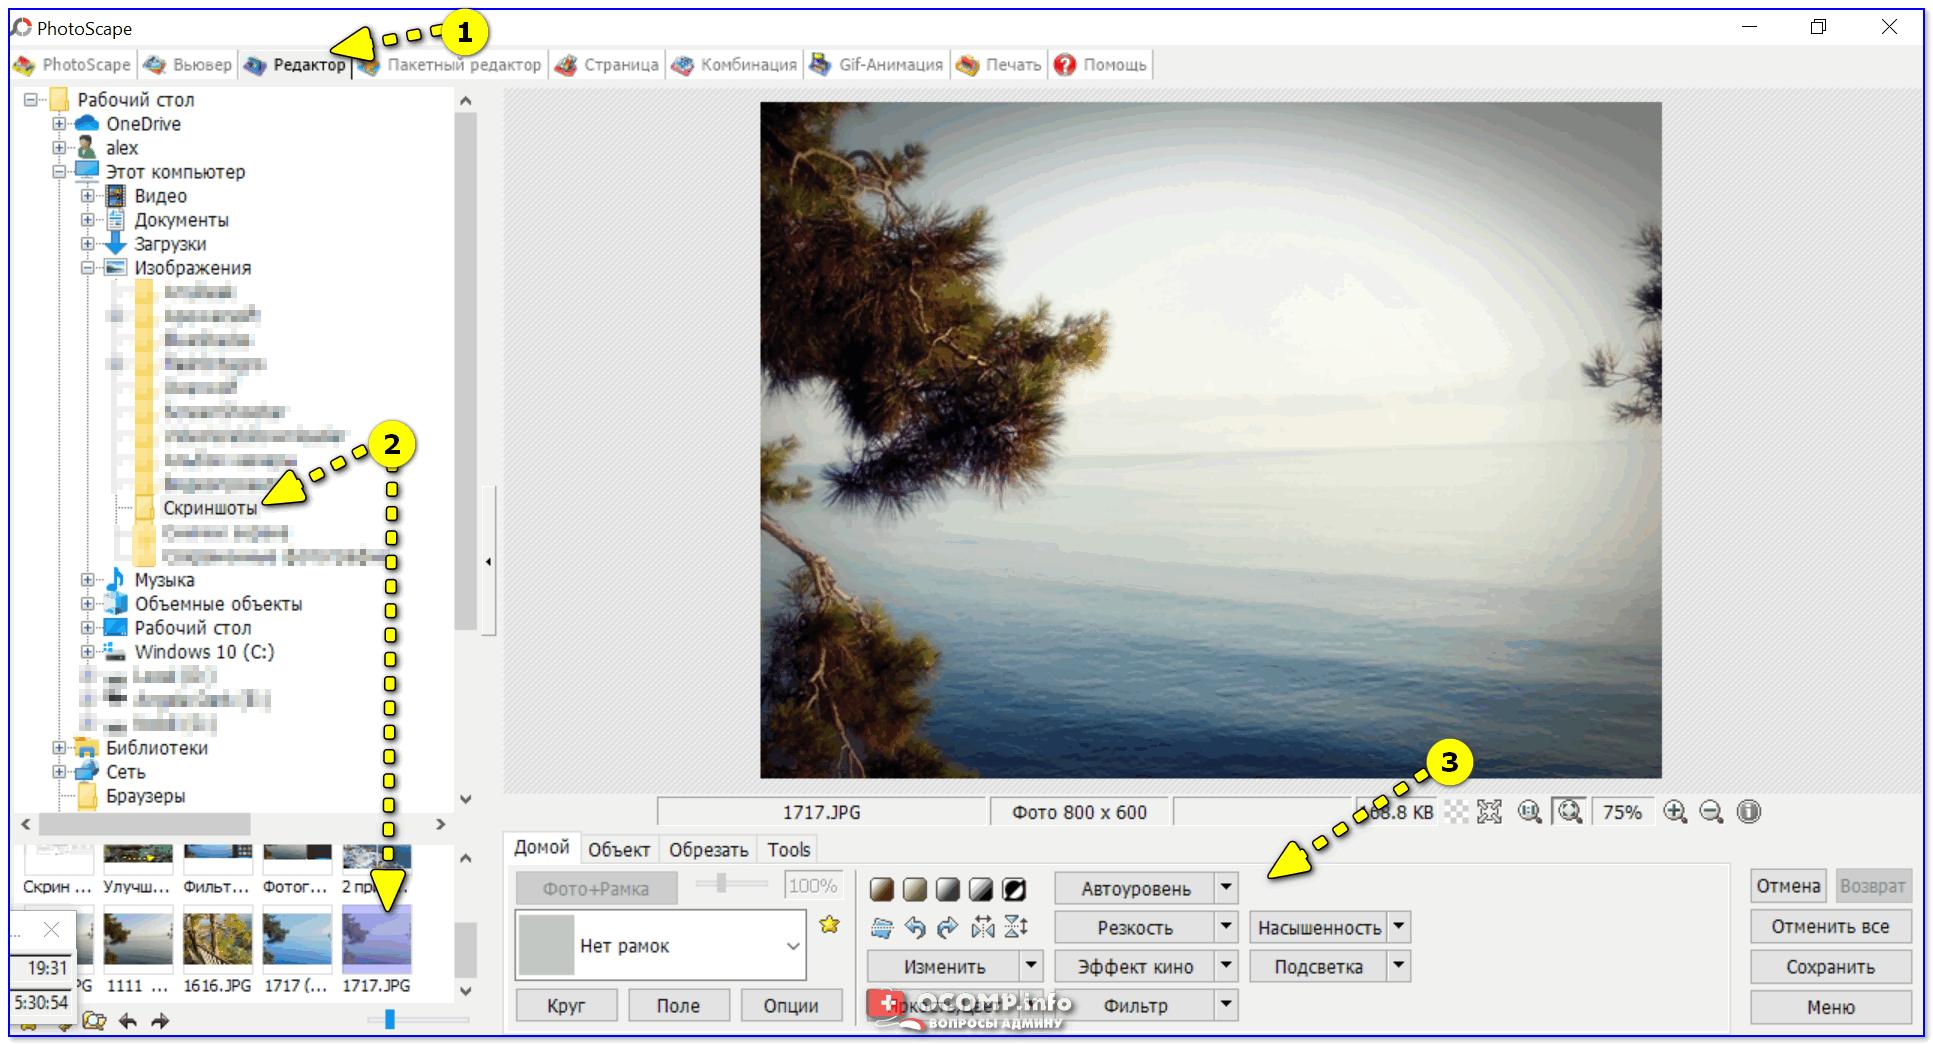 Обработка фото в PhotoScape